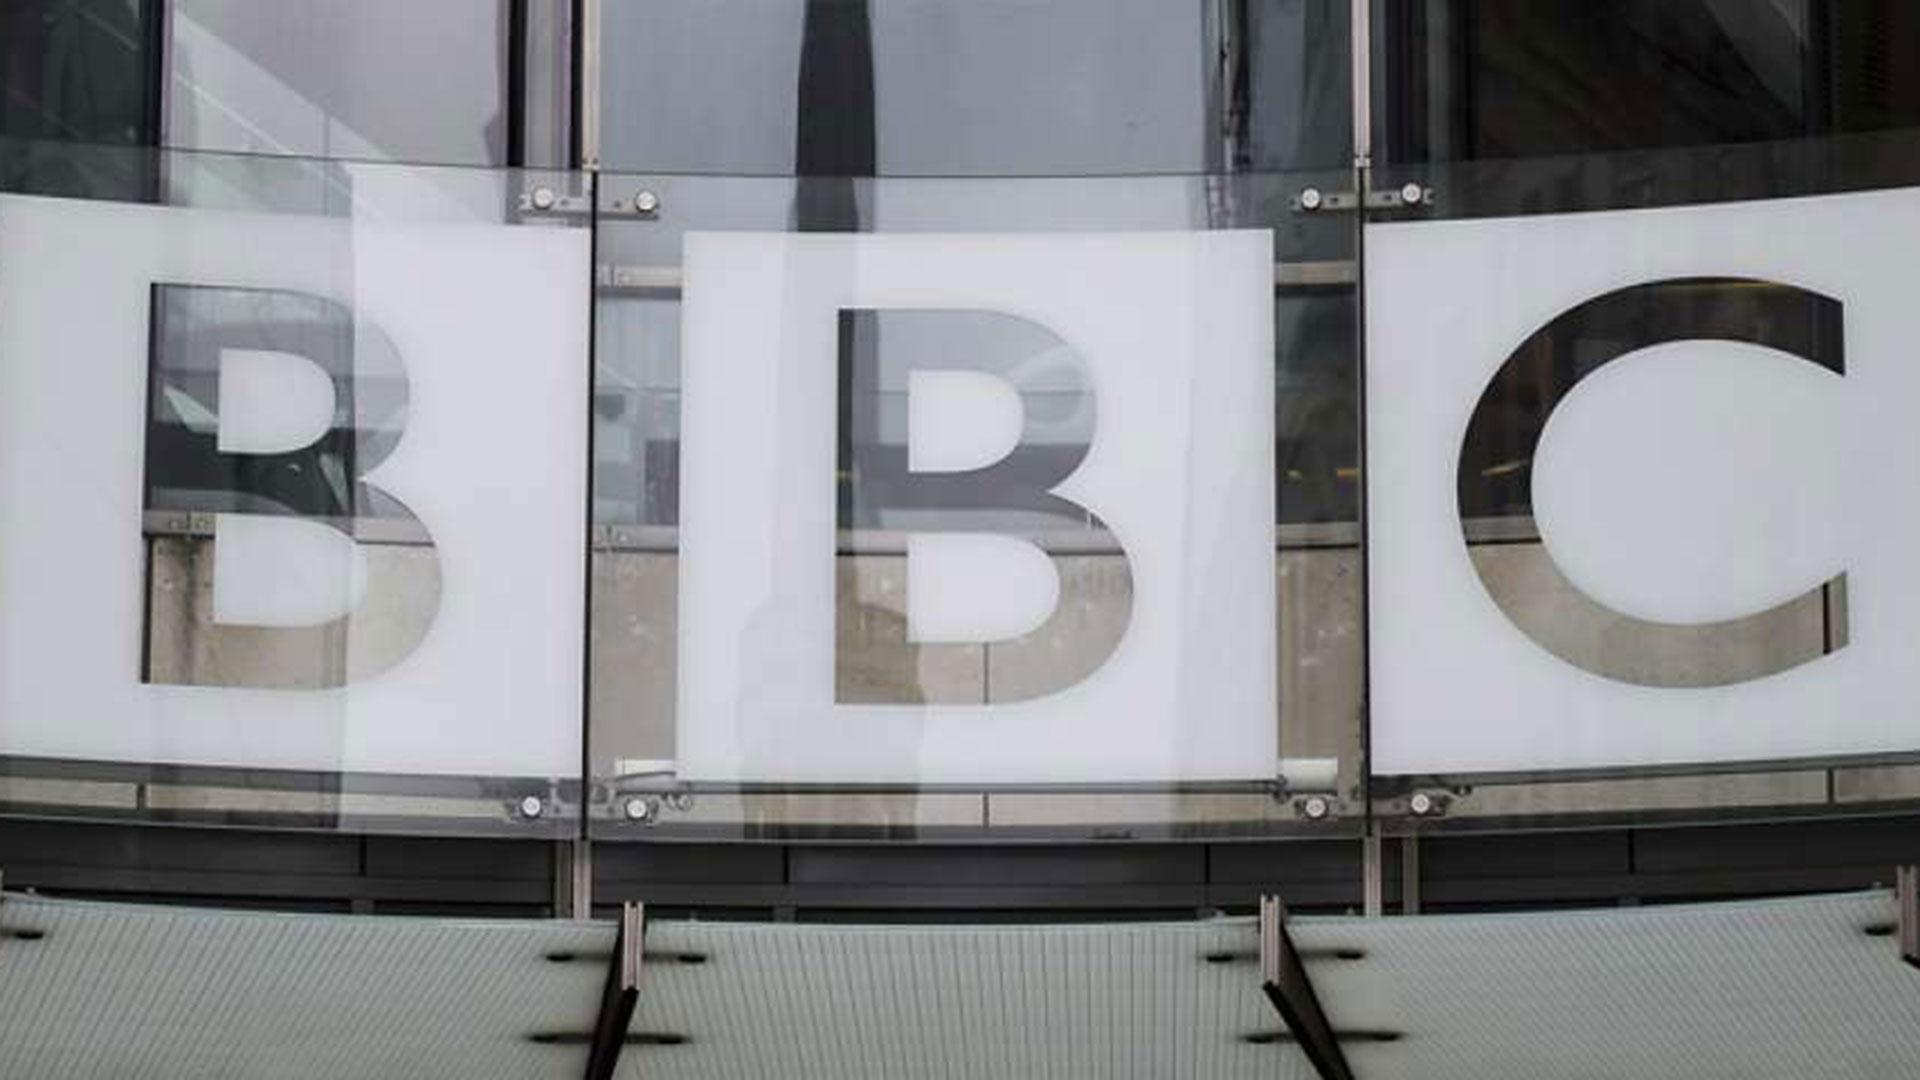 Rusia advirtió que podría tomar la misma medida con la BBC y el resto de los medios británicos